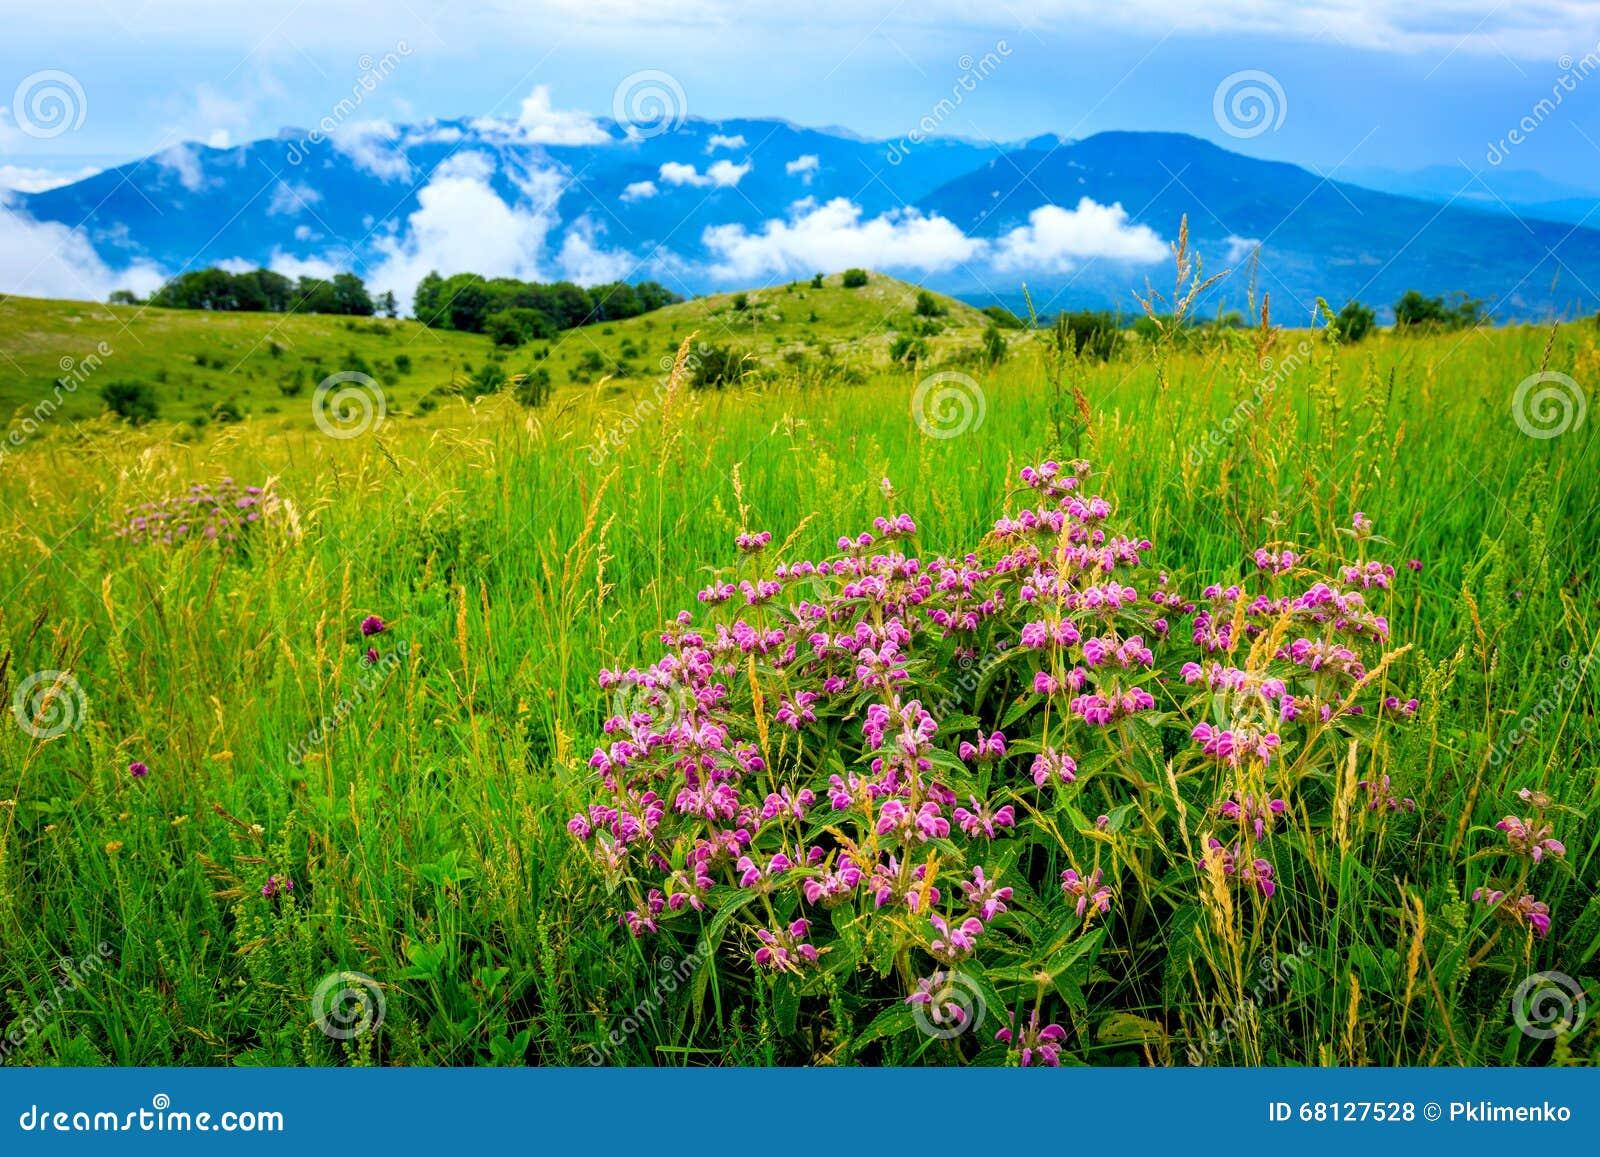 wild flowers on mountain meadow stock photo